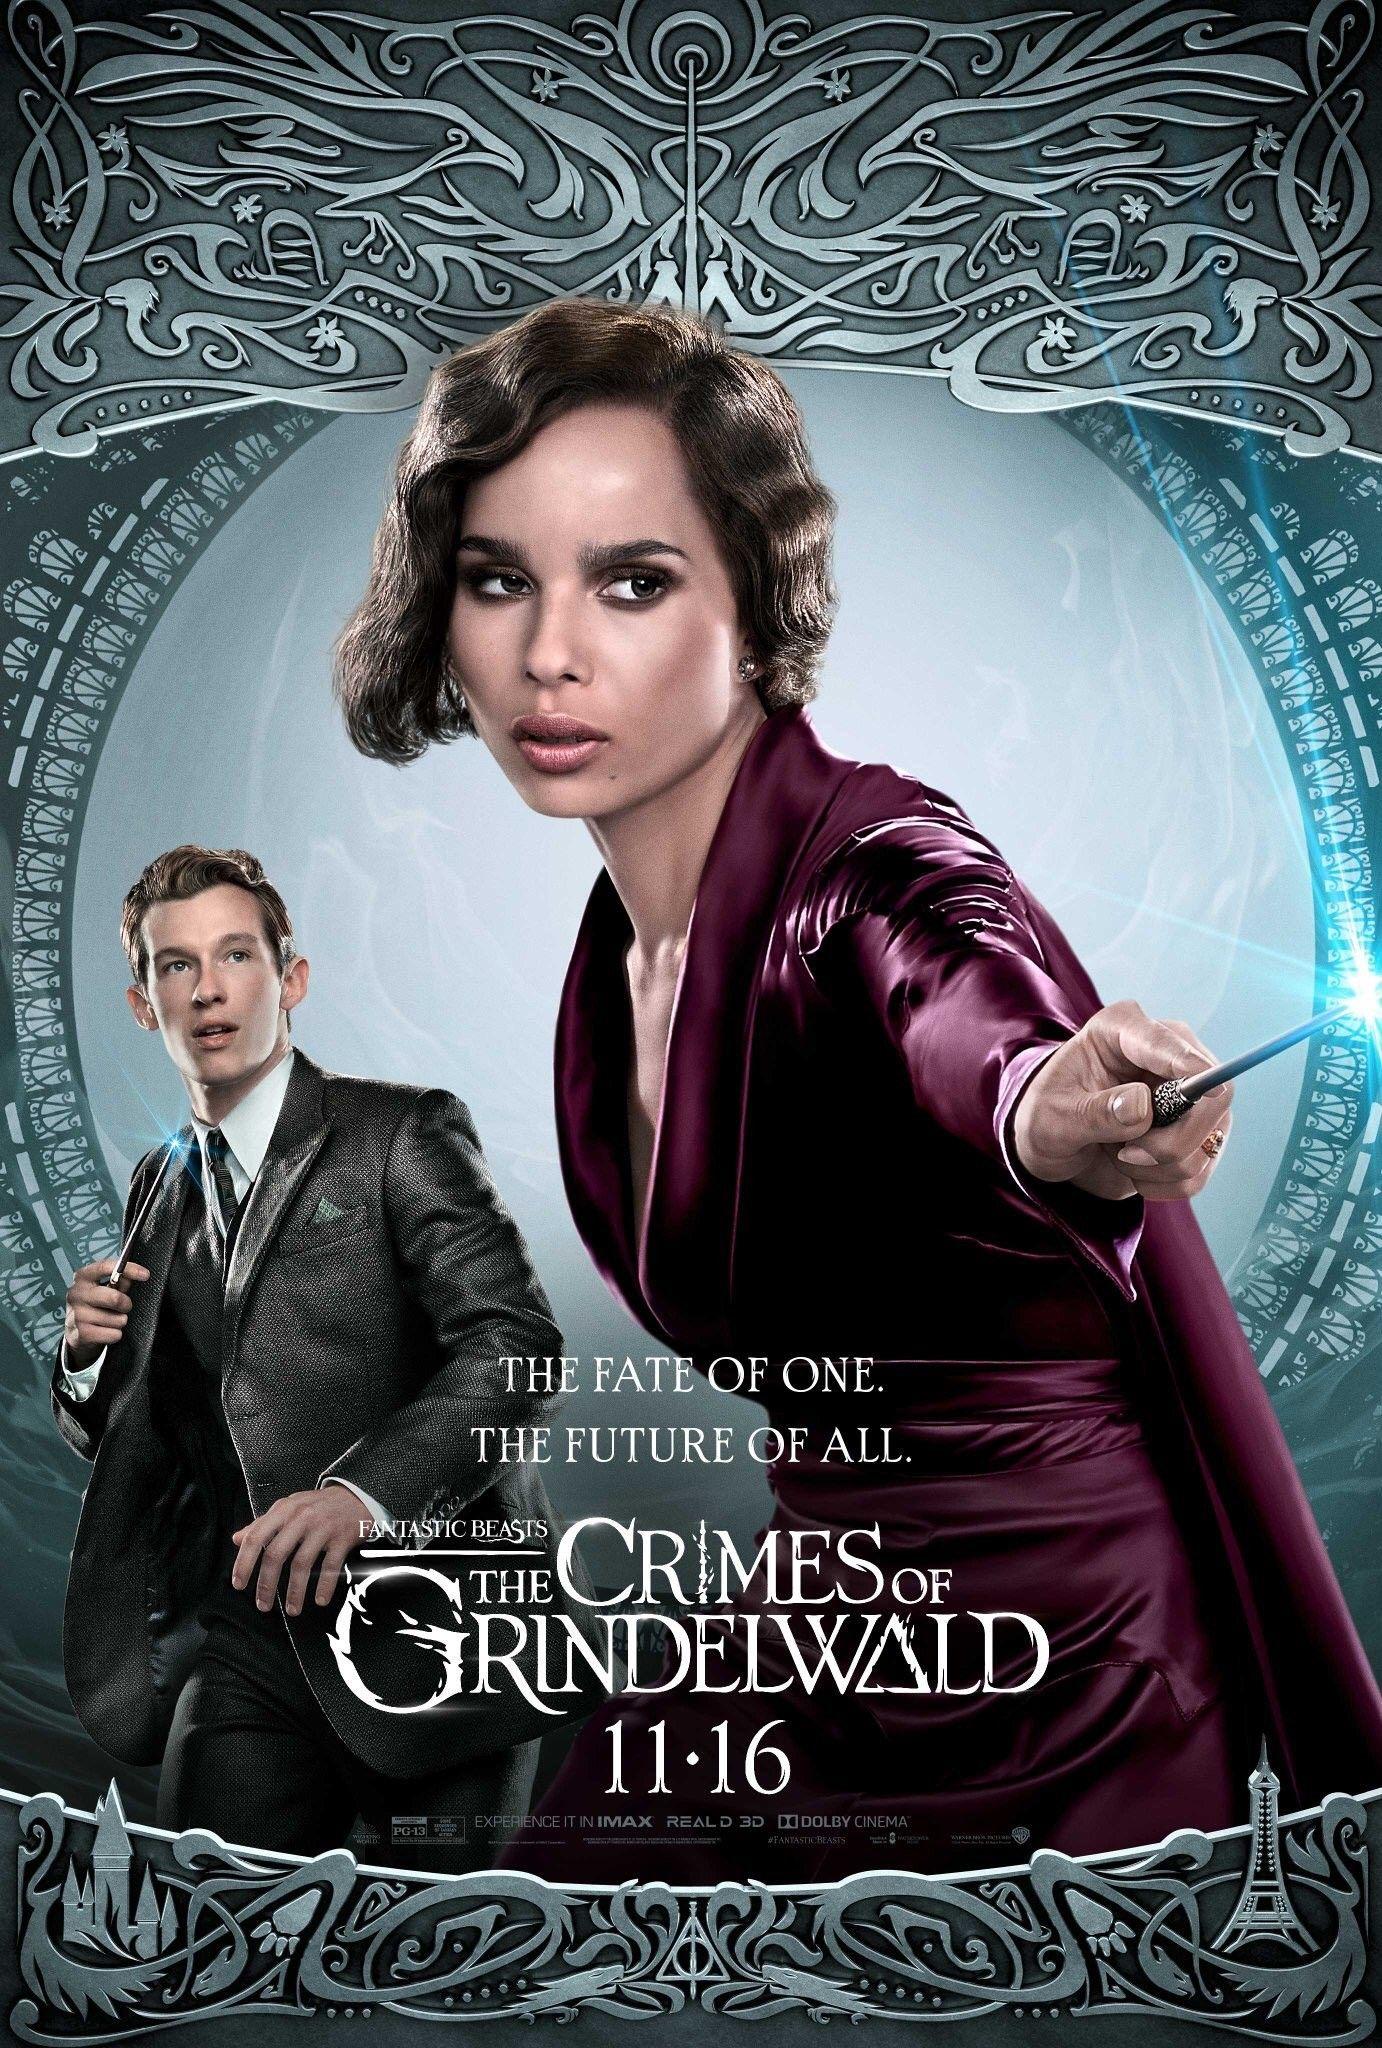 Les Crimes De Grindelwald Acteurs : crimes, grindelwald, acteurs, Thésée, Animaux, Fantastiques:, Crimes, Grindelwald, Kravitz, Fantastiques,, Fantastiques